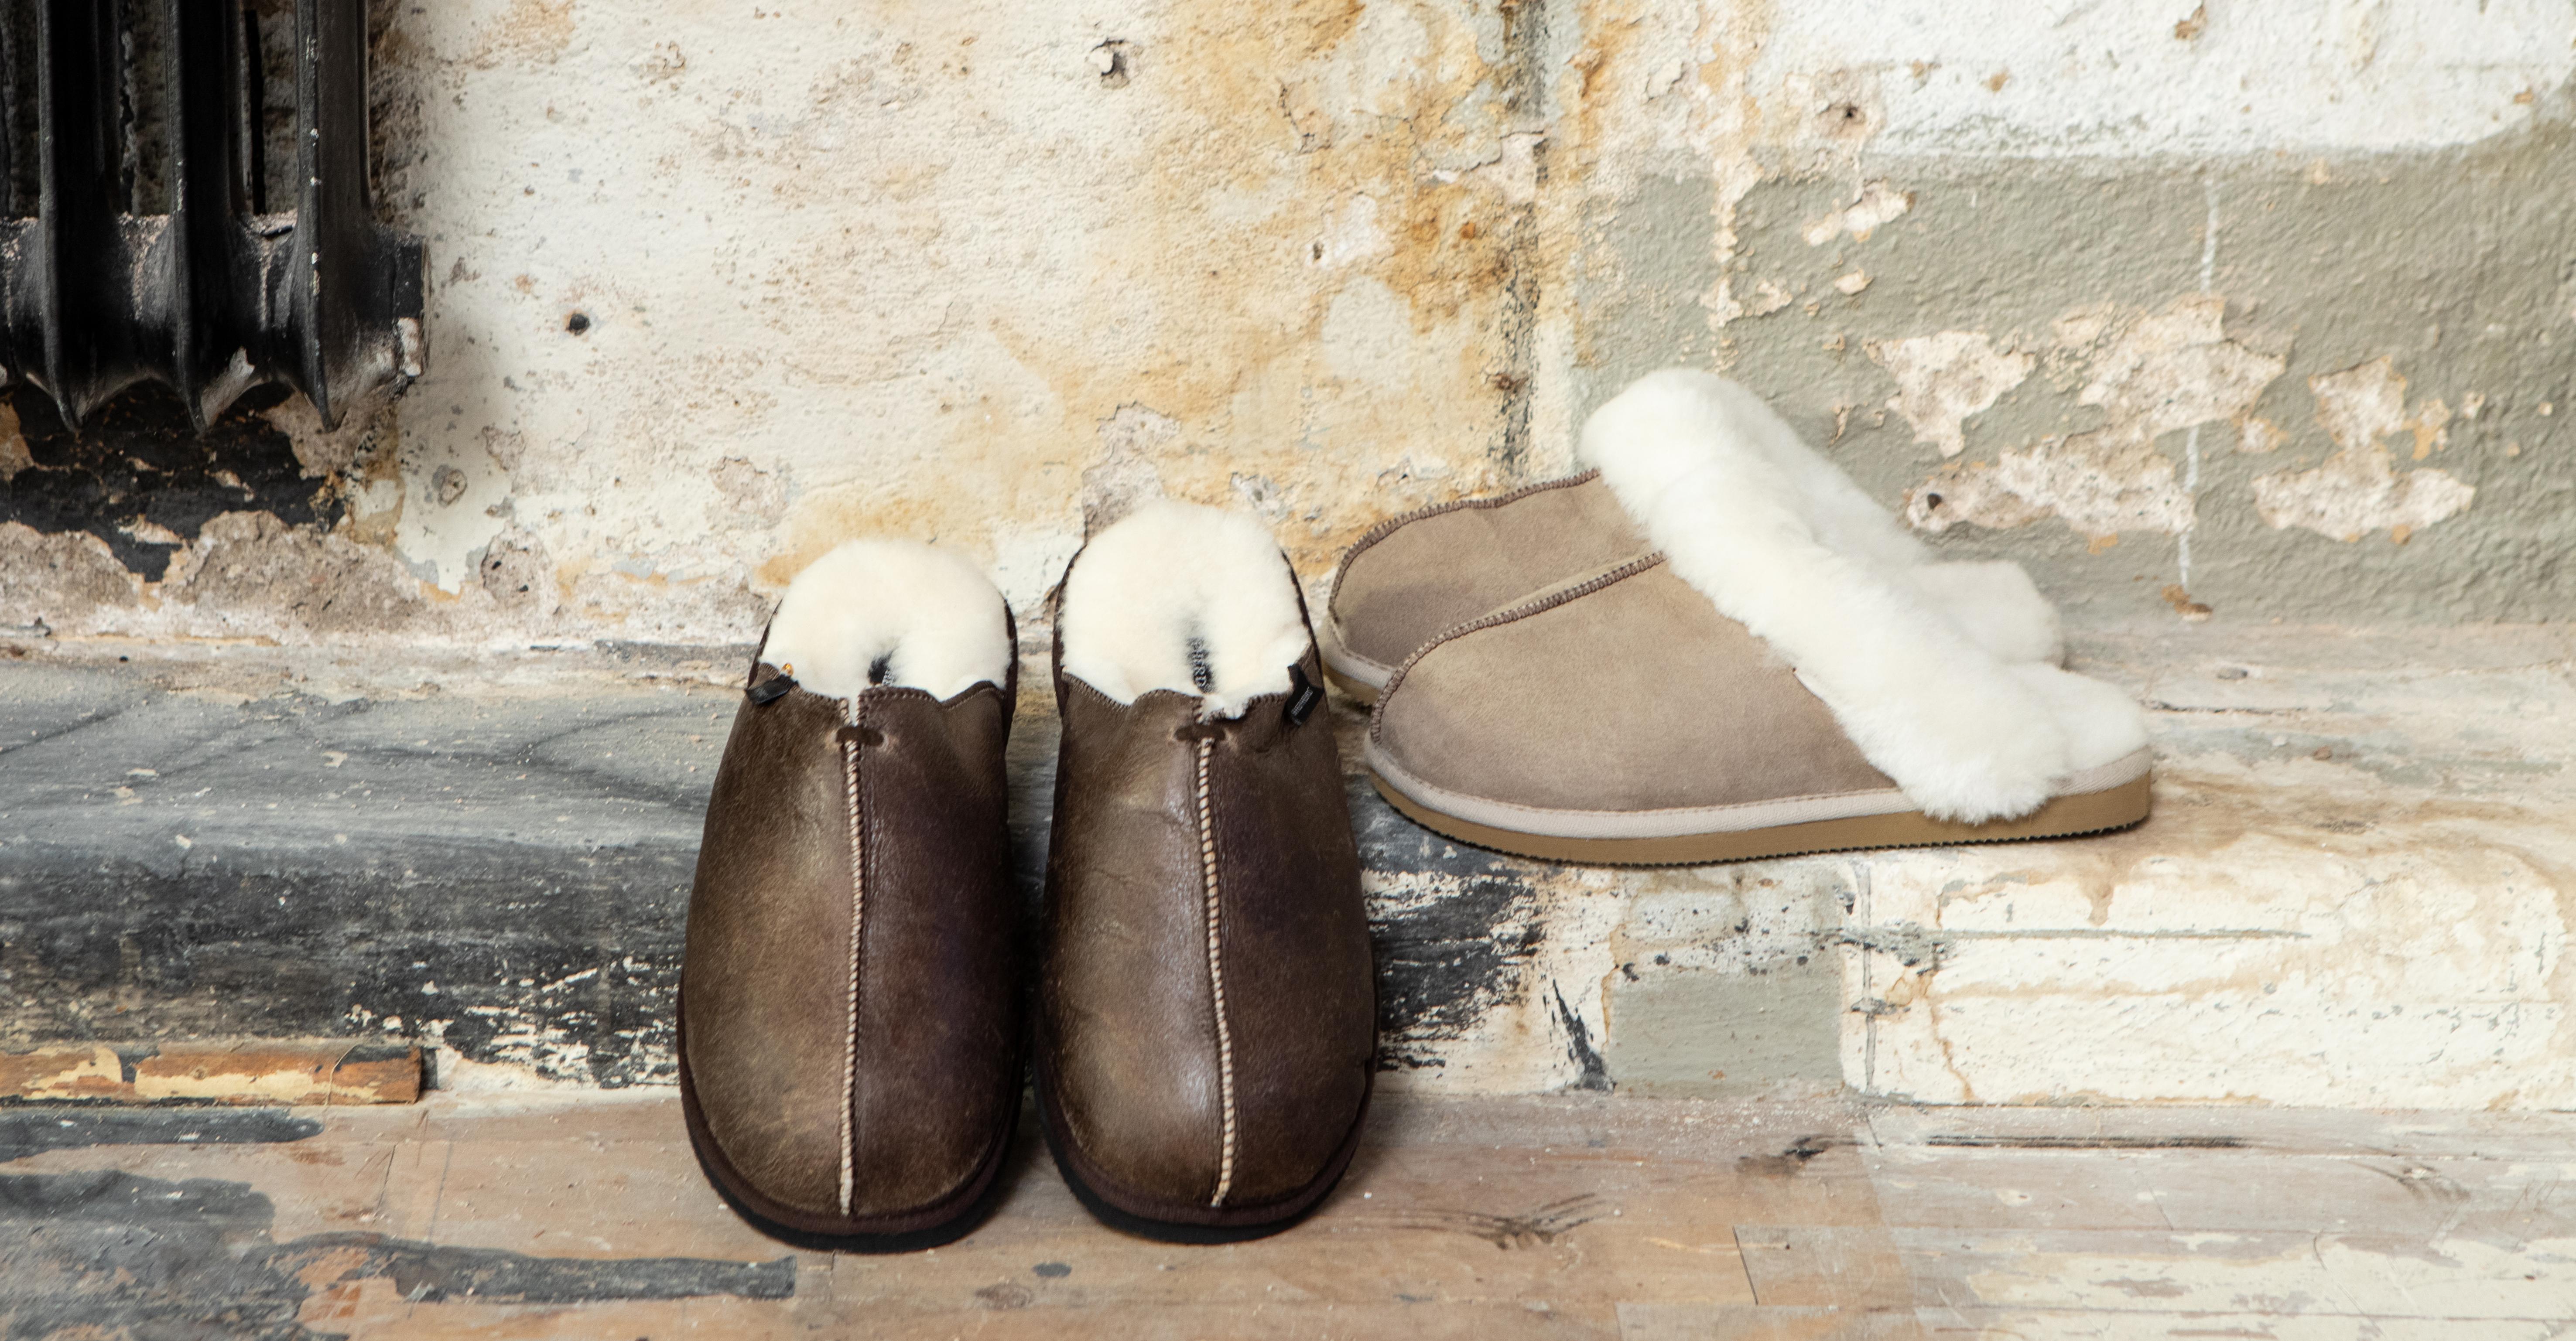 Genuin svensk design och material som fårskinn och fårull genomsyrar det  Svenljunga-baserade varumärket  kvaliteter som ingen konkurrent kan matcha. 176f371e69316